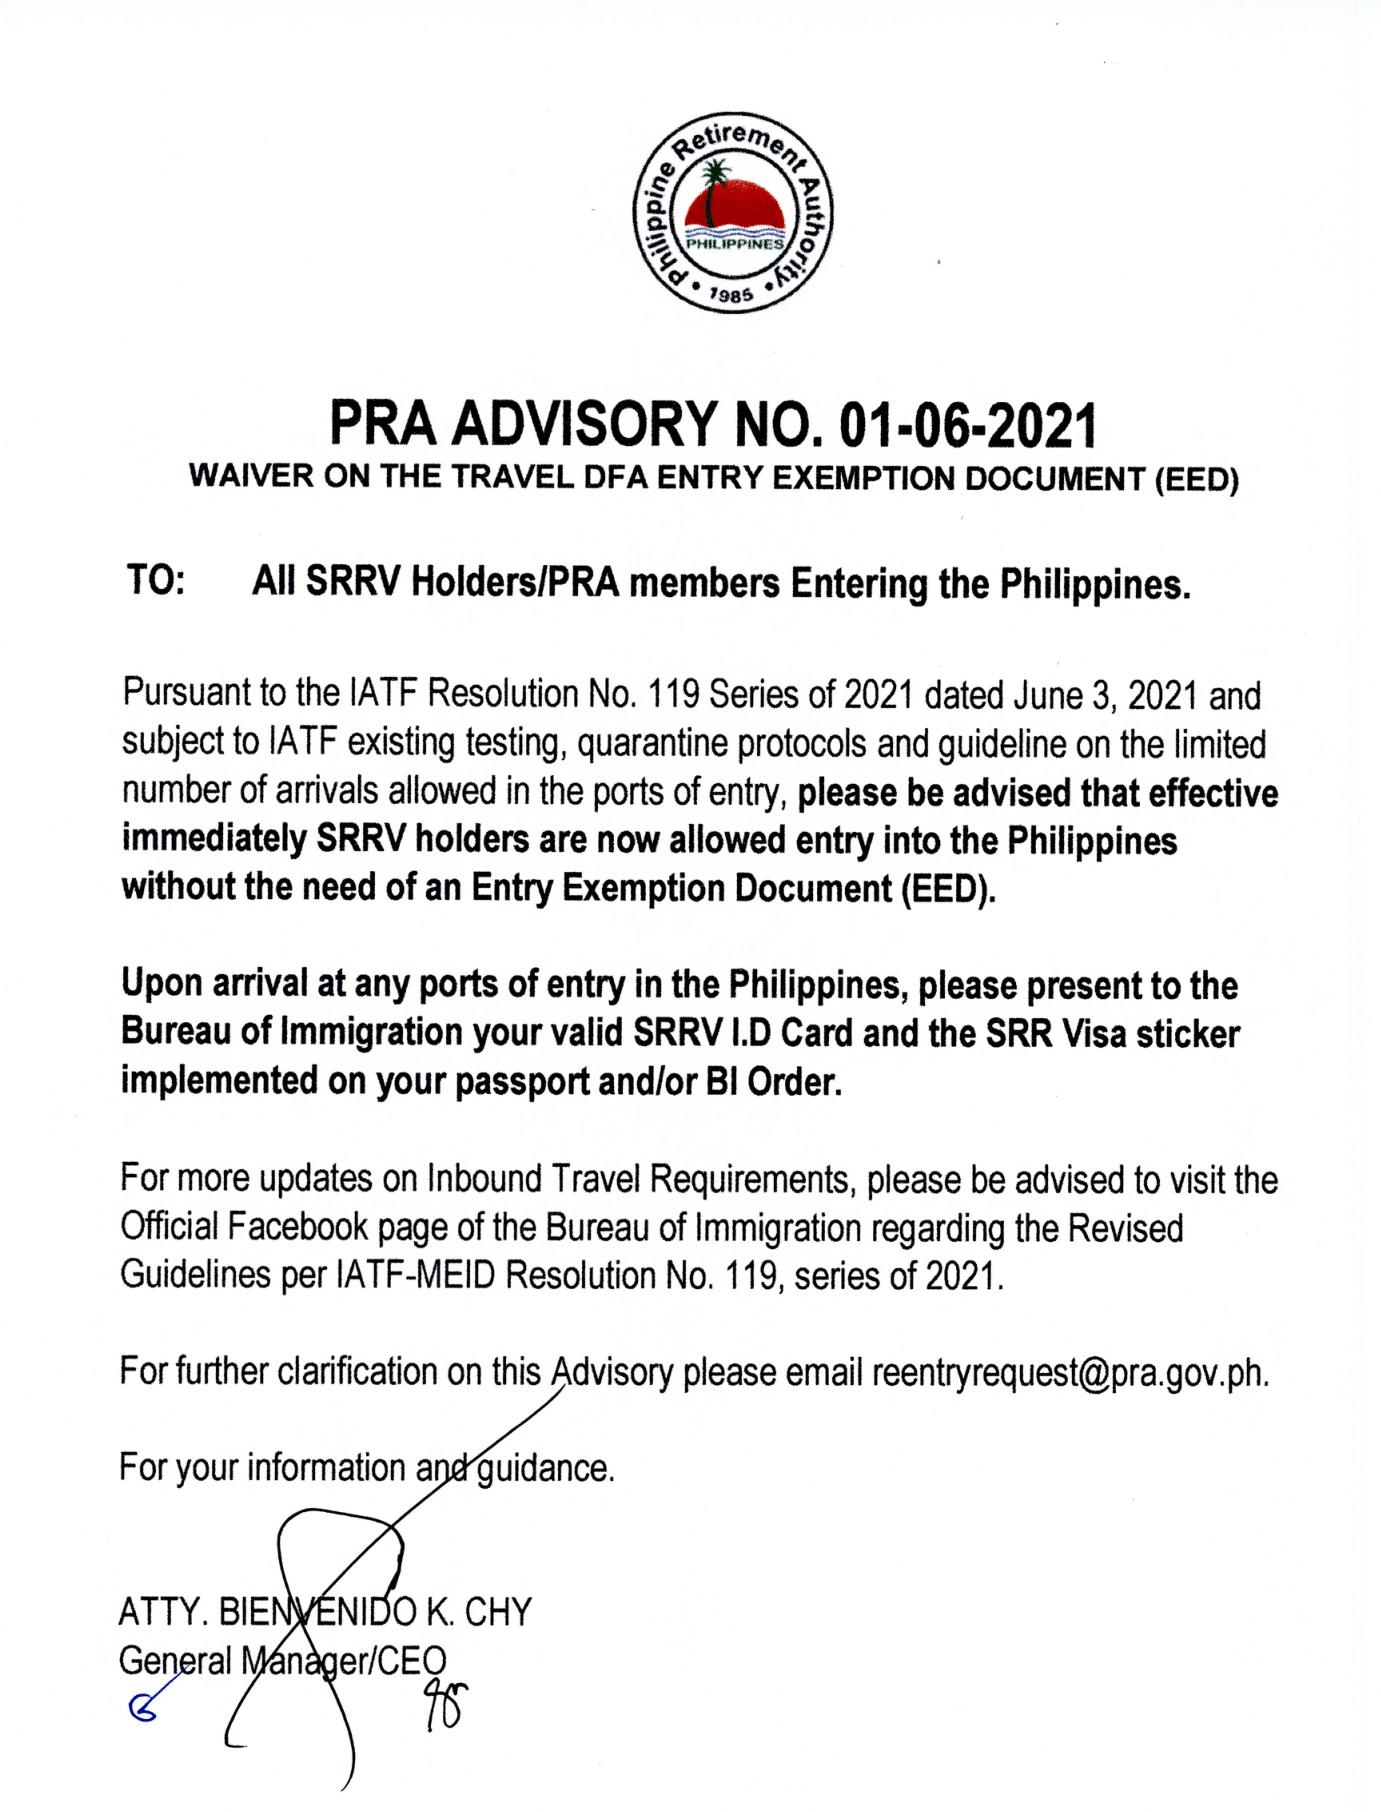 フィリピン退職庁(PRA)発表の資料-旅行用DFA入国免除書類(EED)の免除について